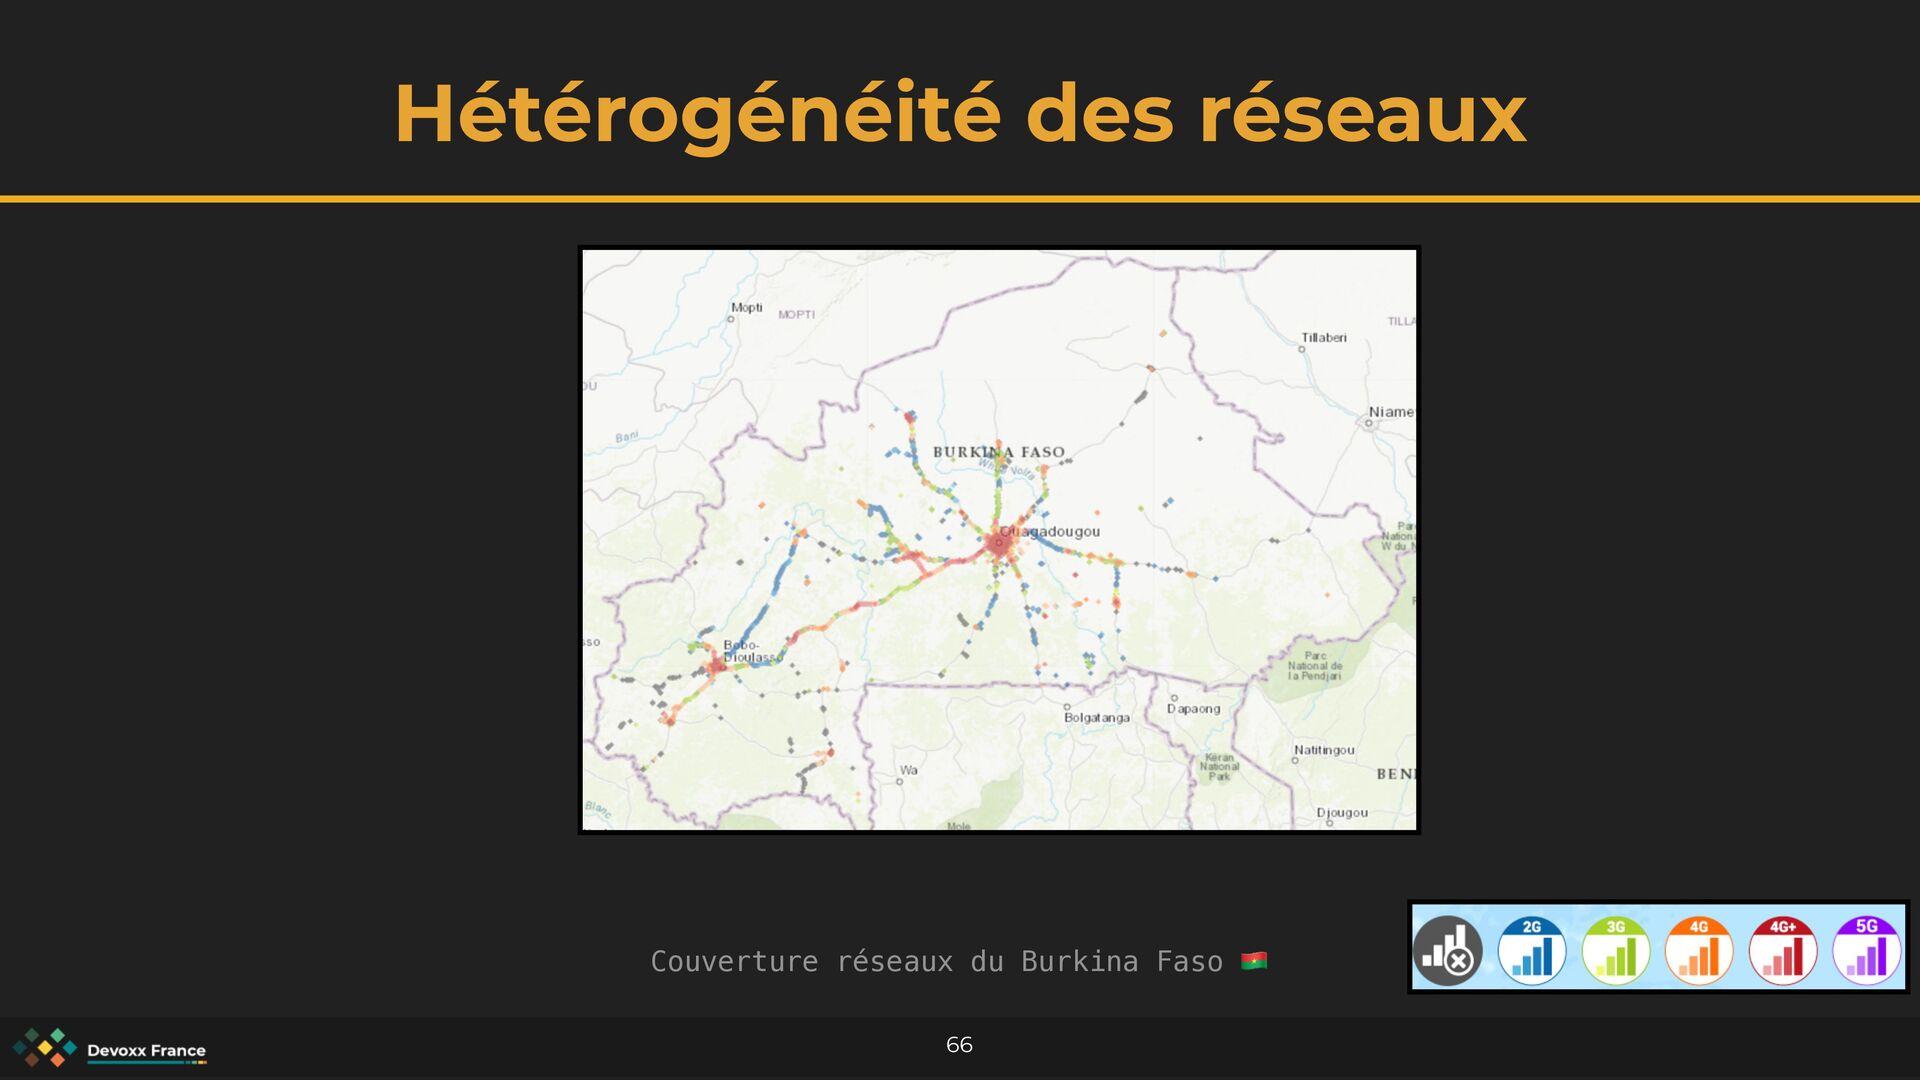 Hétérogénéité des réseaux 66 Couverture réseaux...